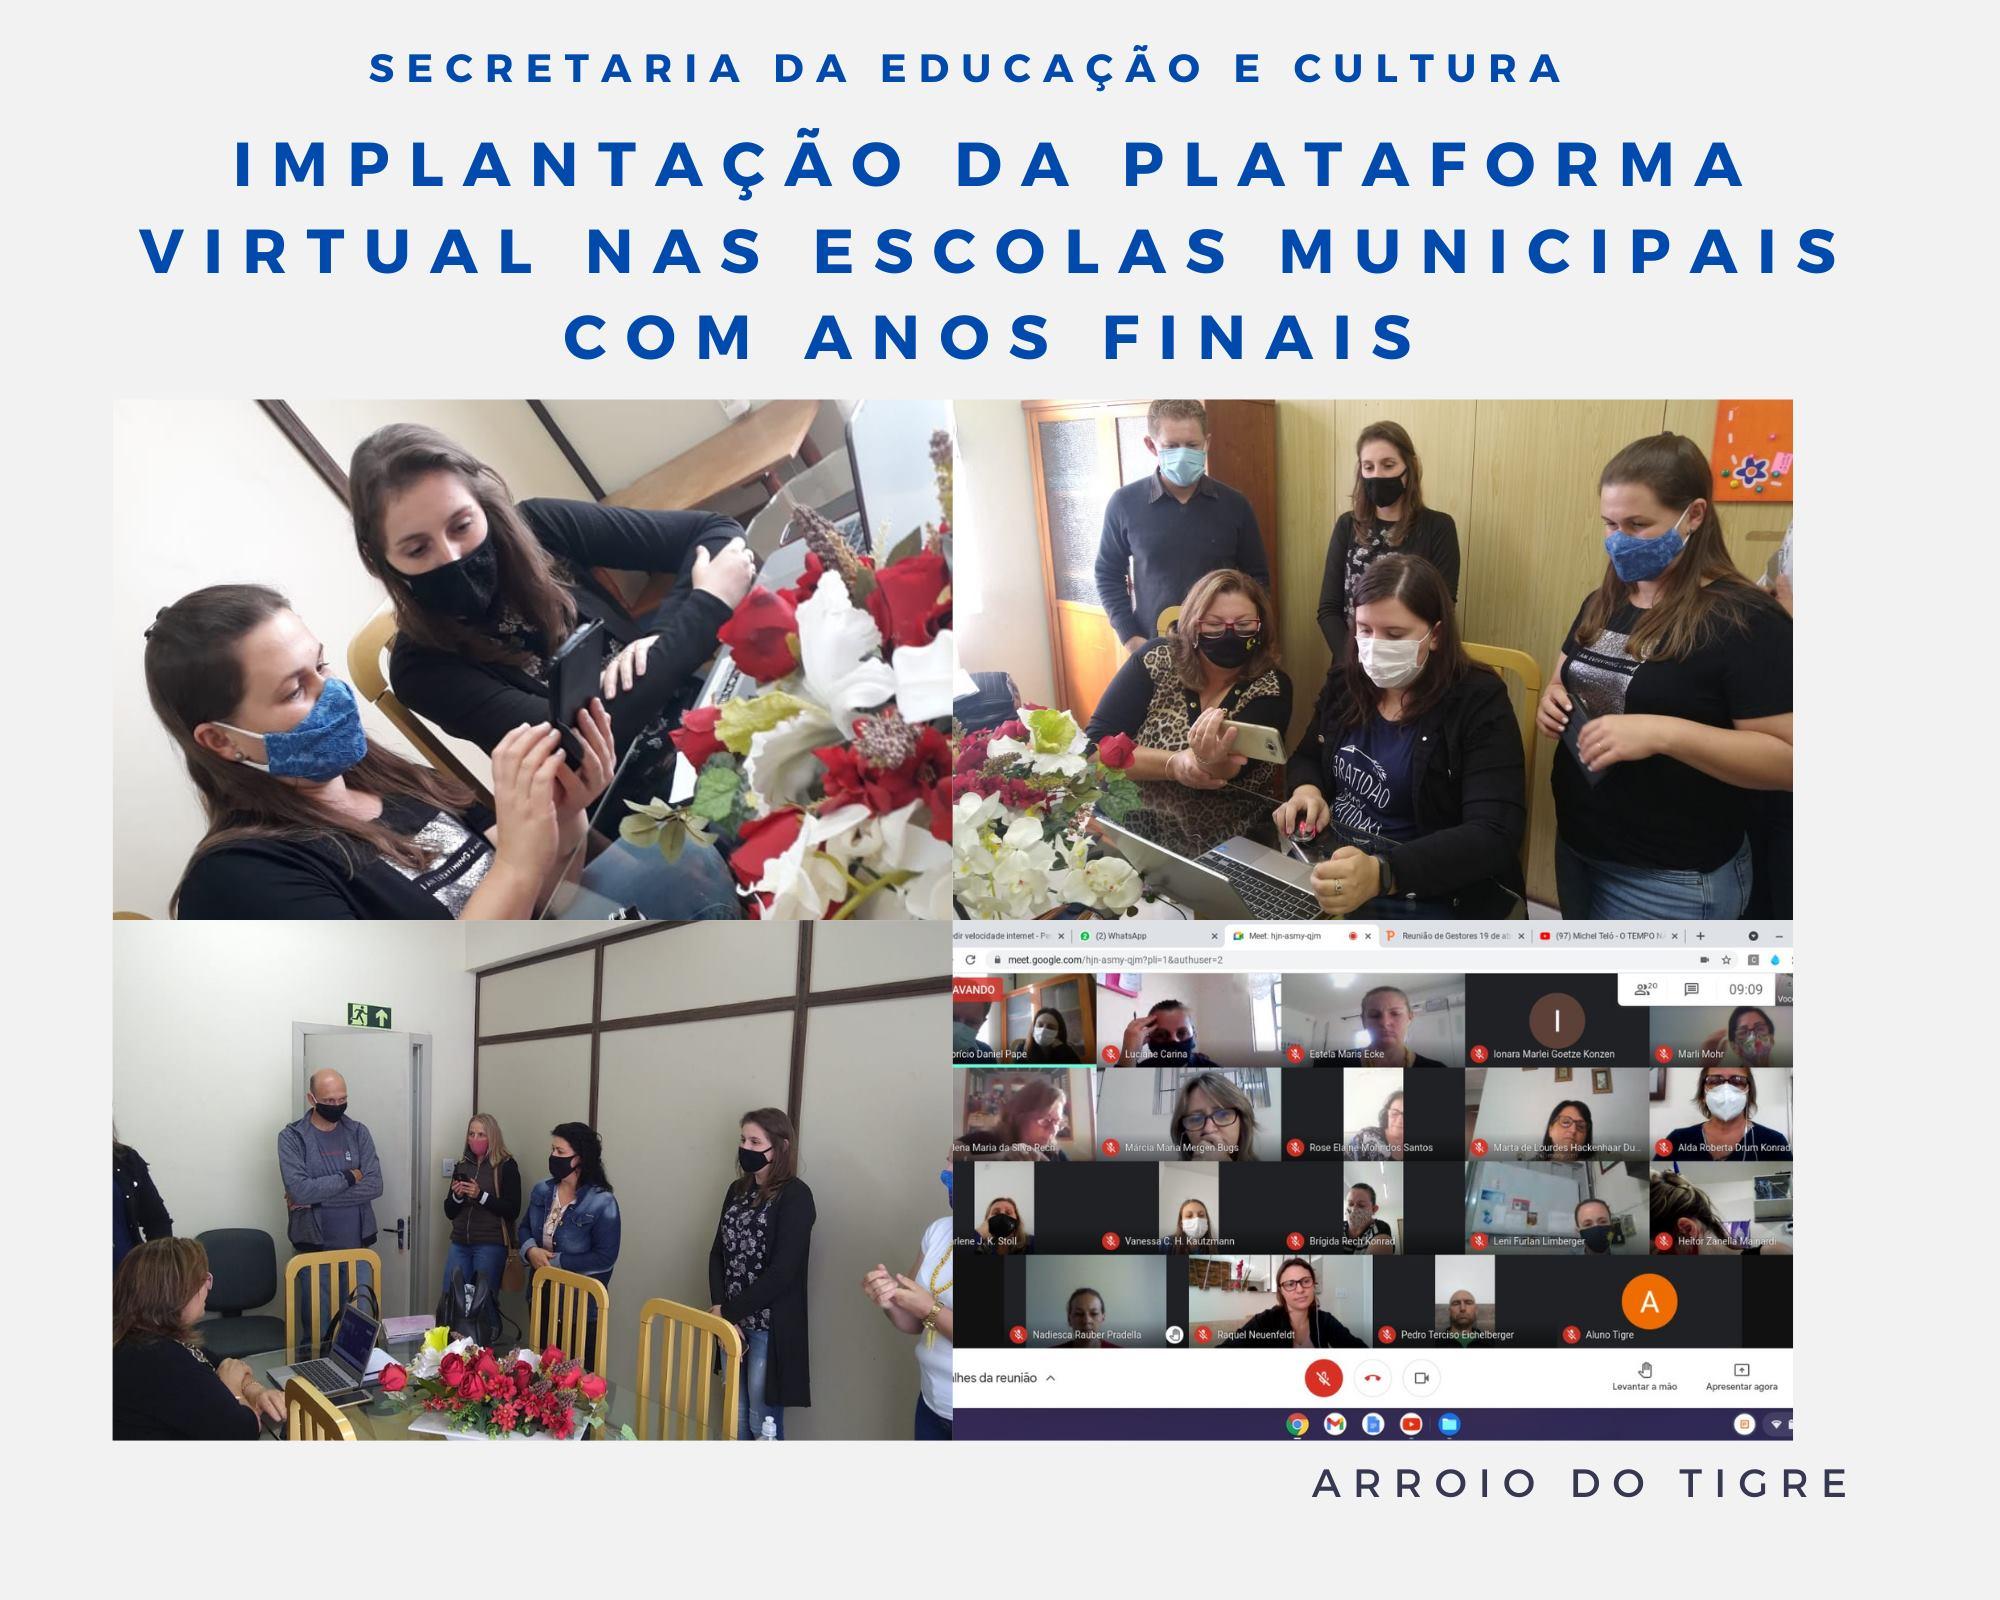 SMEC realiza cronograma para a implantação da plataforma virtual nas escolas de Arroio do Tigre